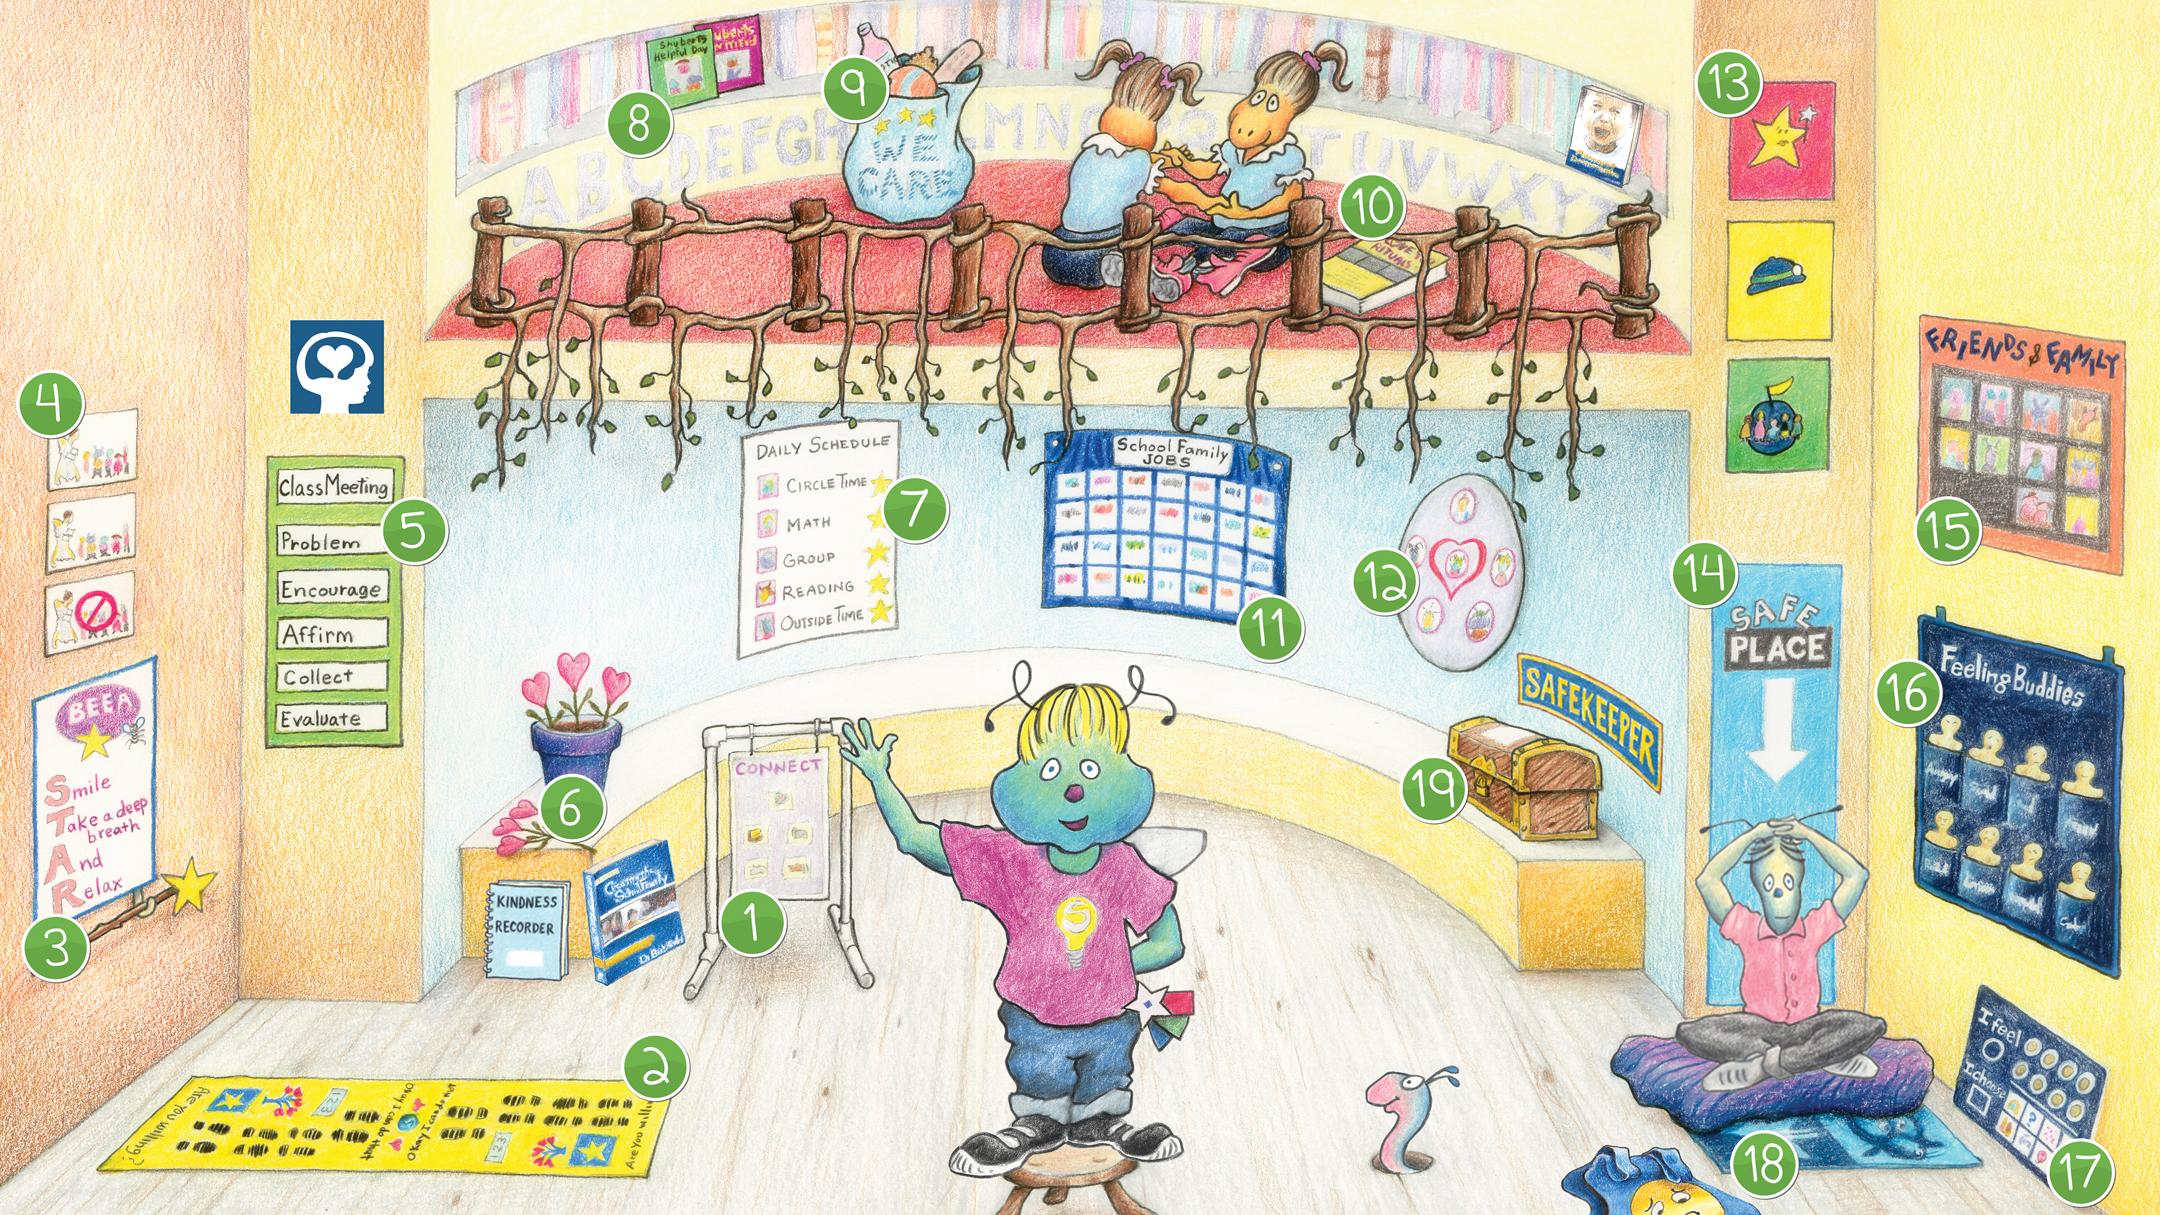 Shuberts Classroom